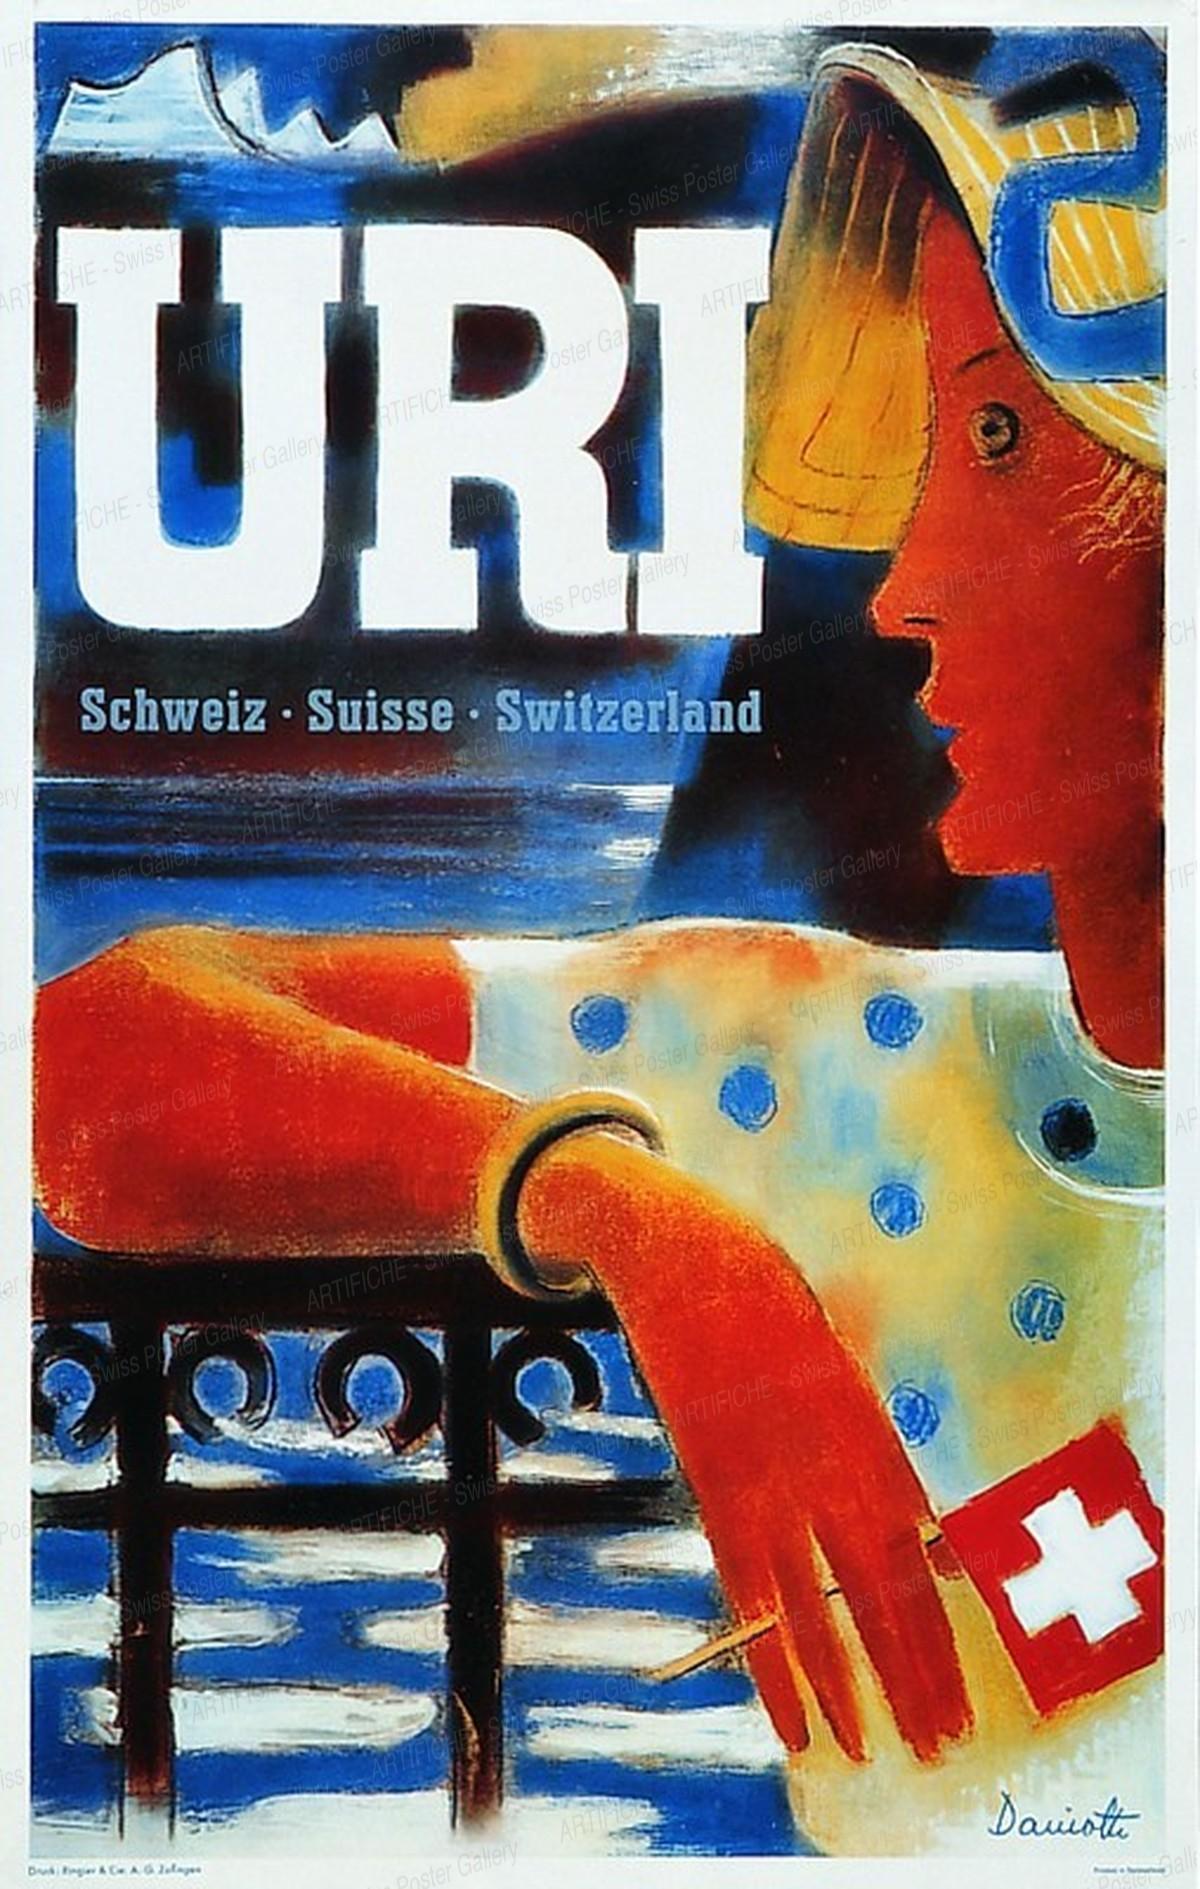 URI – Schweiz Suisse Switzerland, Heinrich Danioth